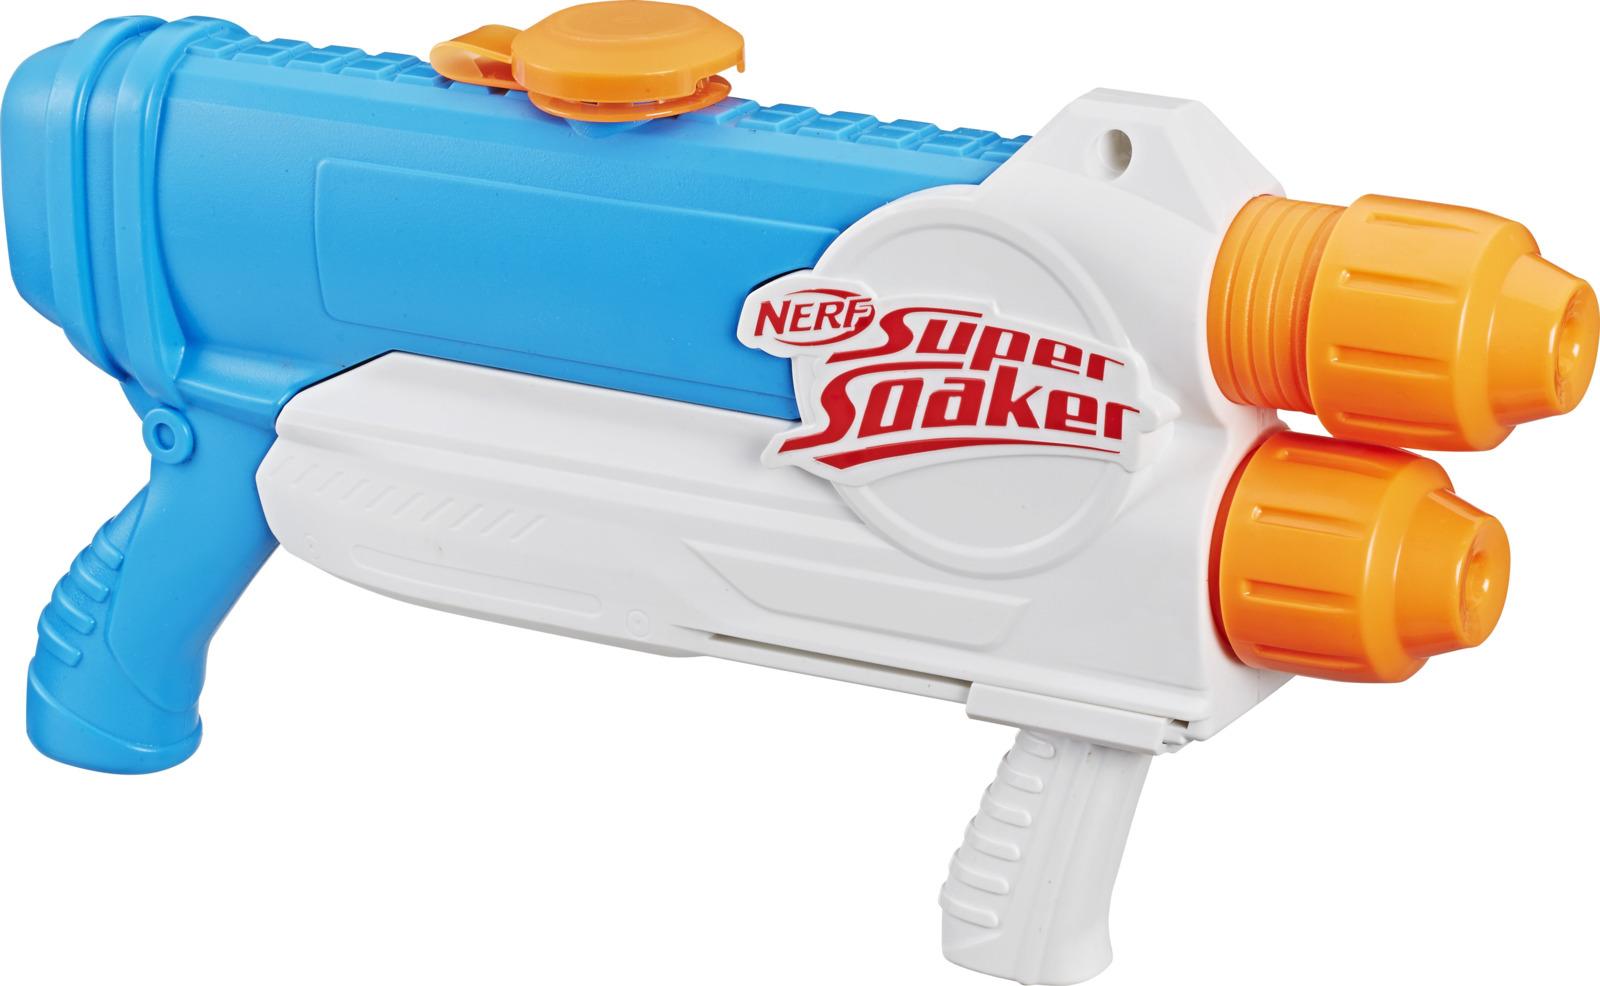 Игрушечное оружие Nerf Водный бластер Барракуда Суперсокер, E2770EU4 мобил рек agestar sub2o1 red usb2 0 to 2 5hdd sata алюминий